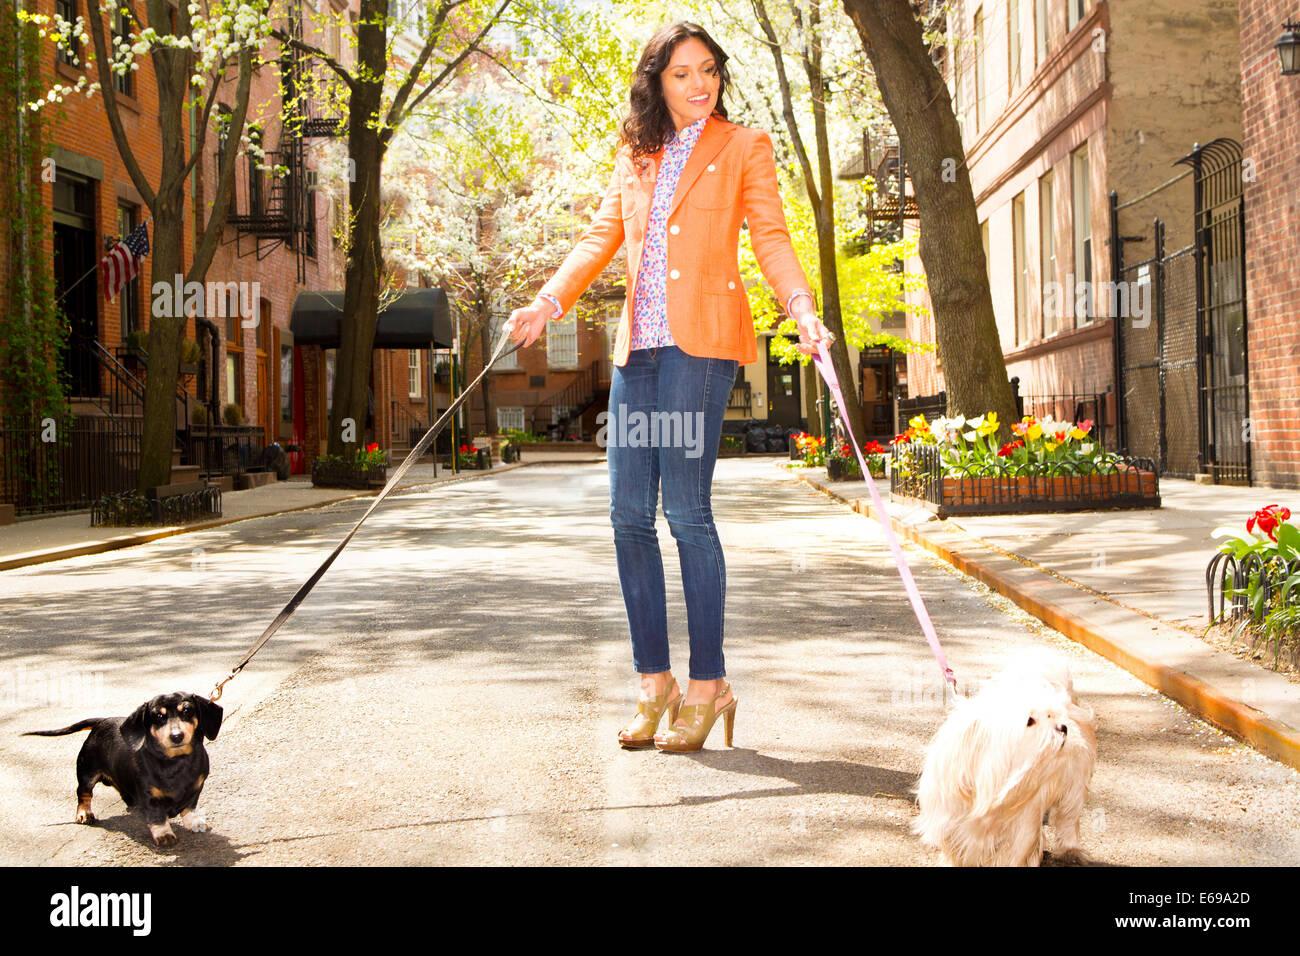 Razza mista donna cani a piedi sulla strada di città Foto Stock